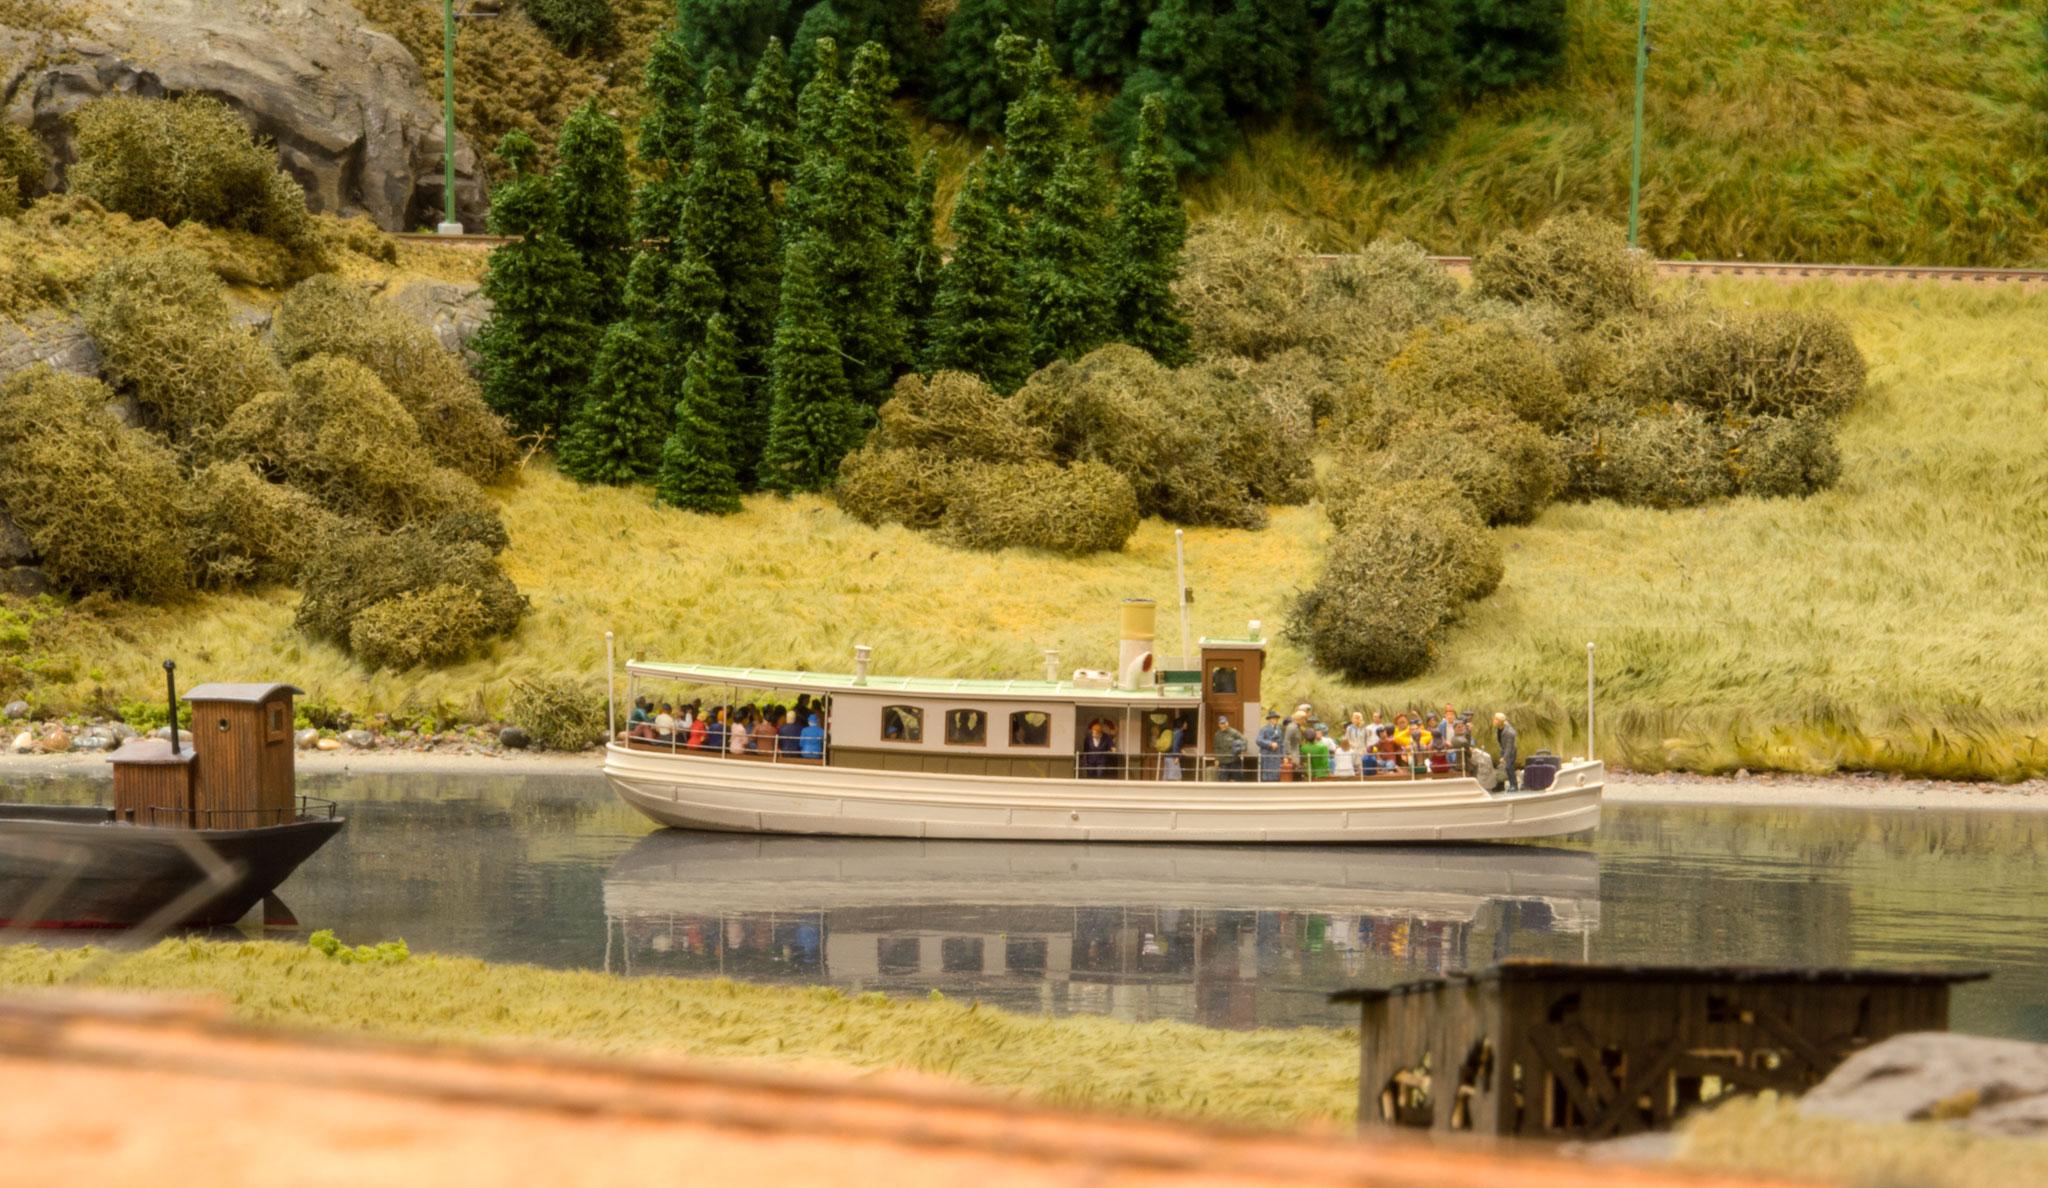 Dampskibet Elsa møder en motorpram ved indløbet til Dalslands kanal